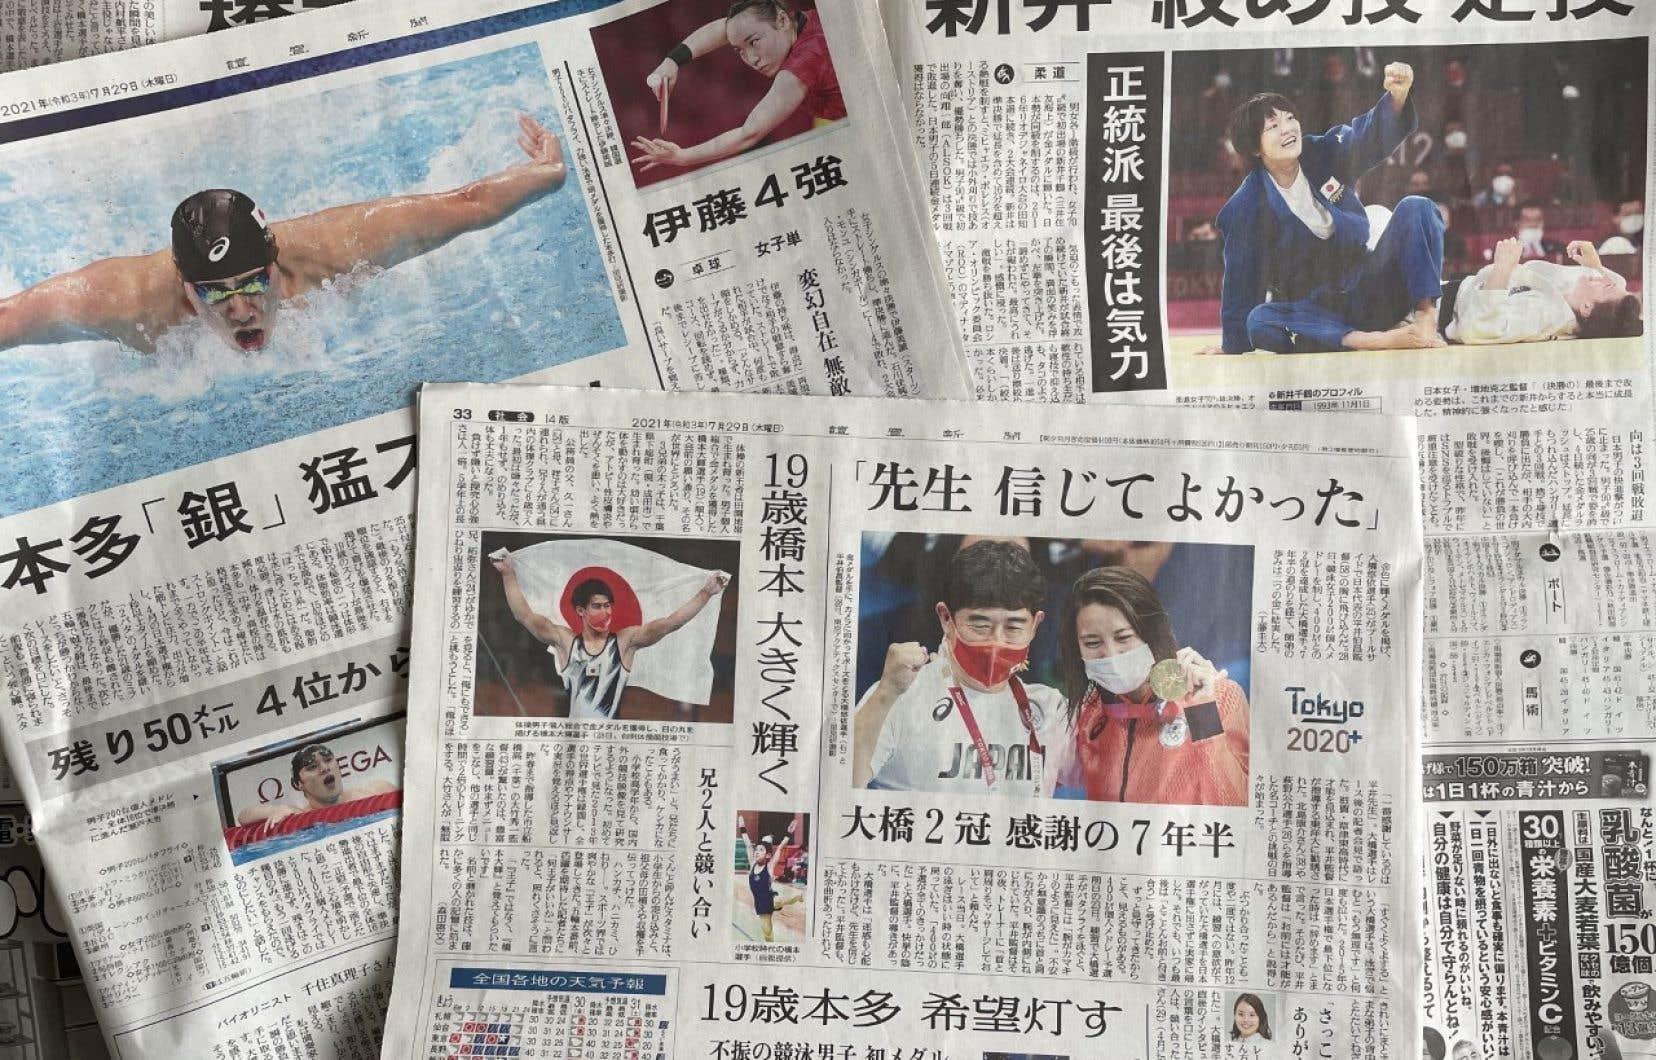 Les cotes d'écoute de la télévision (et les unes des journaux) donnent un indice de l'intérêt des Japonais pour les JO.